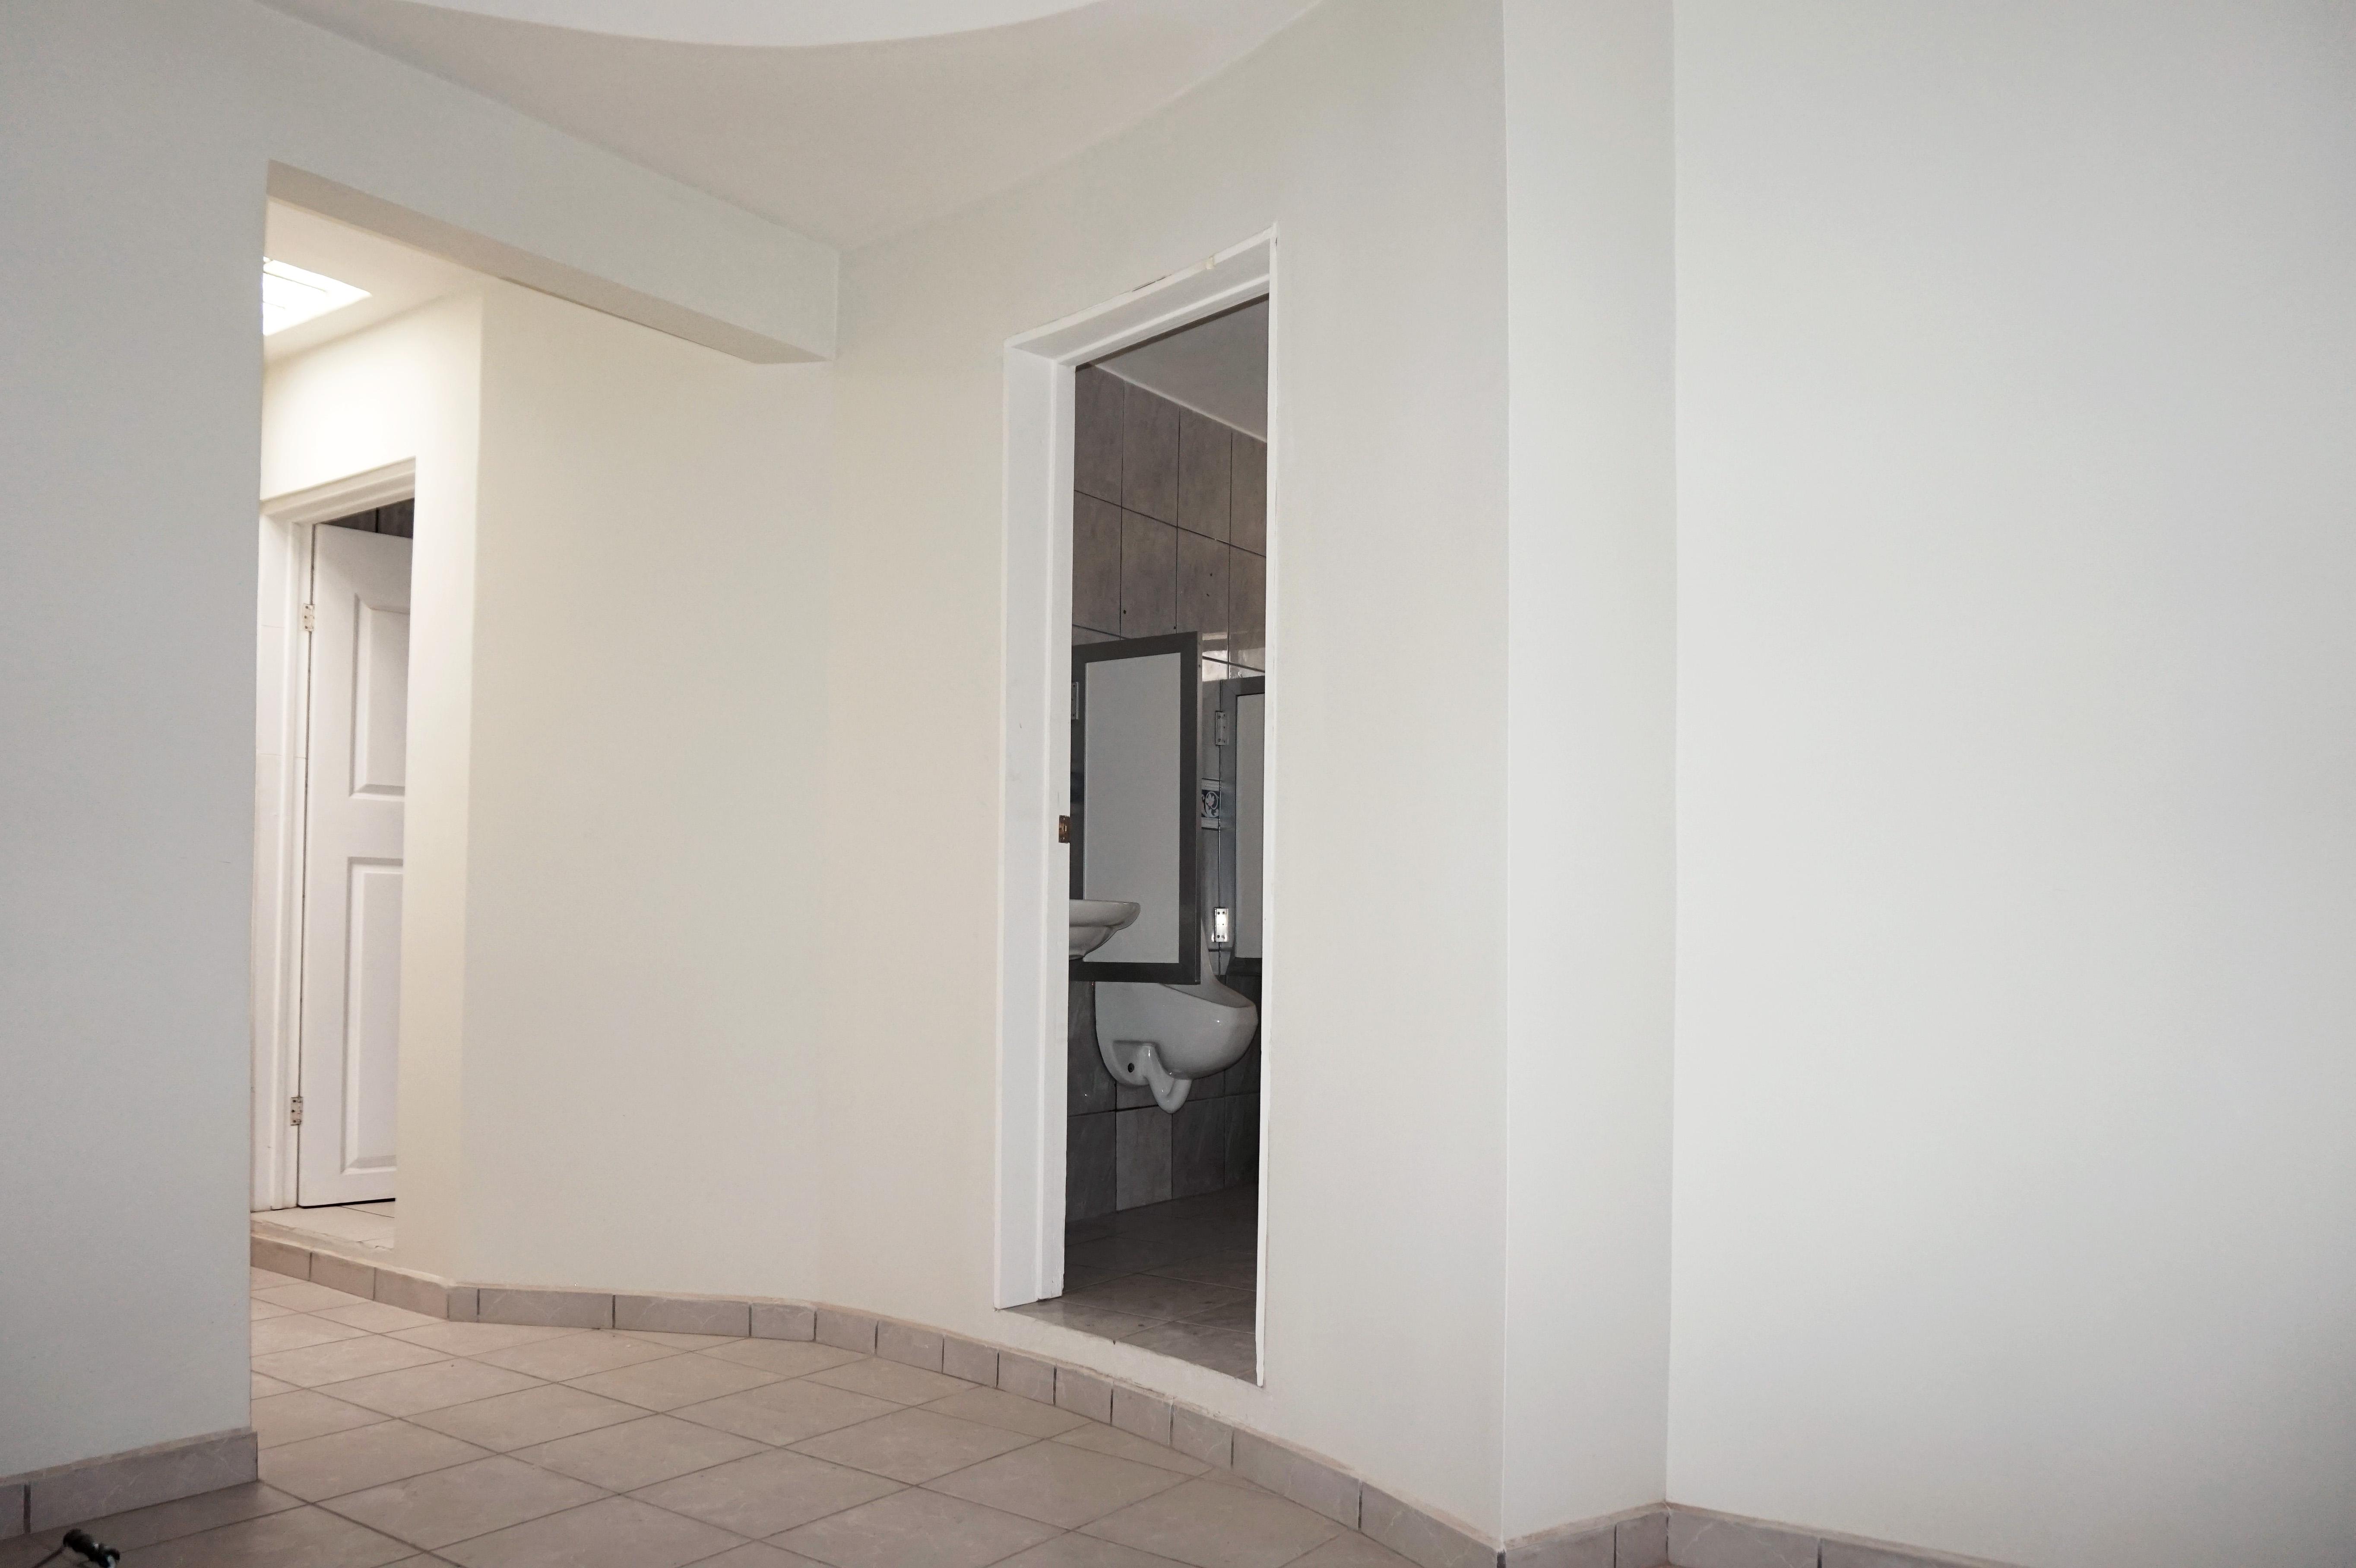 Vestíbulo del segundo piso (2)